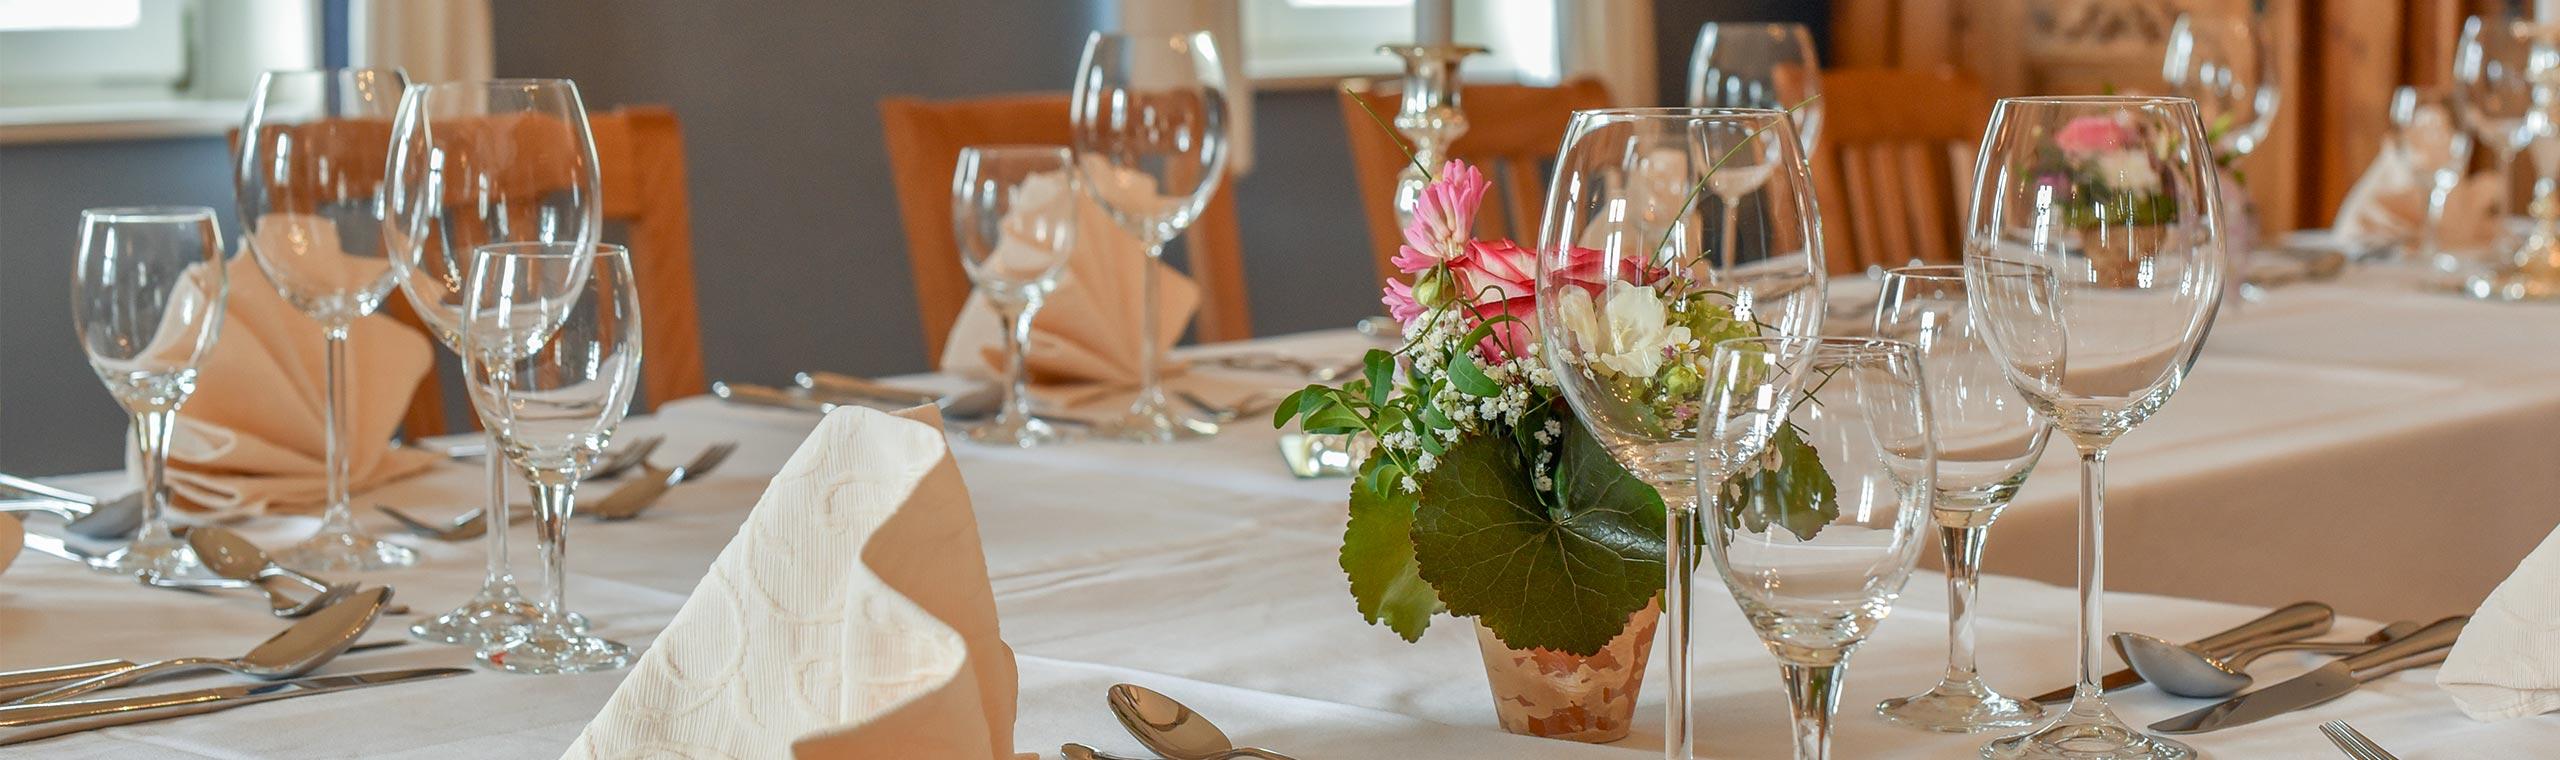 Ein festlich gedeckter Tisch im Hotel